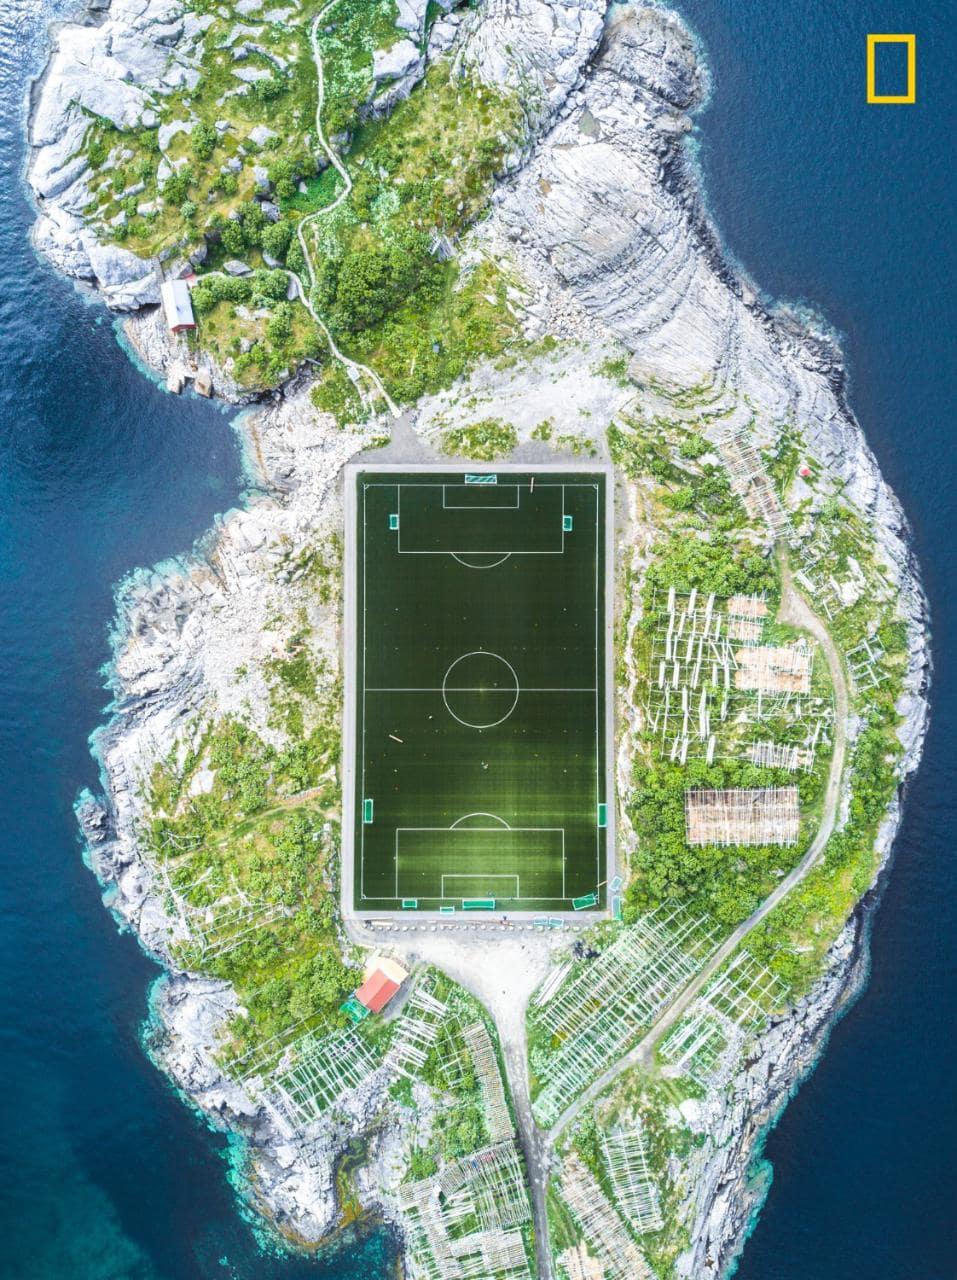 Категория «Города», 3-е место — футбольное поле, Лофотенские острова, Норвегия. Фото: Misha De-Stroy